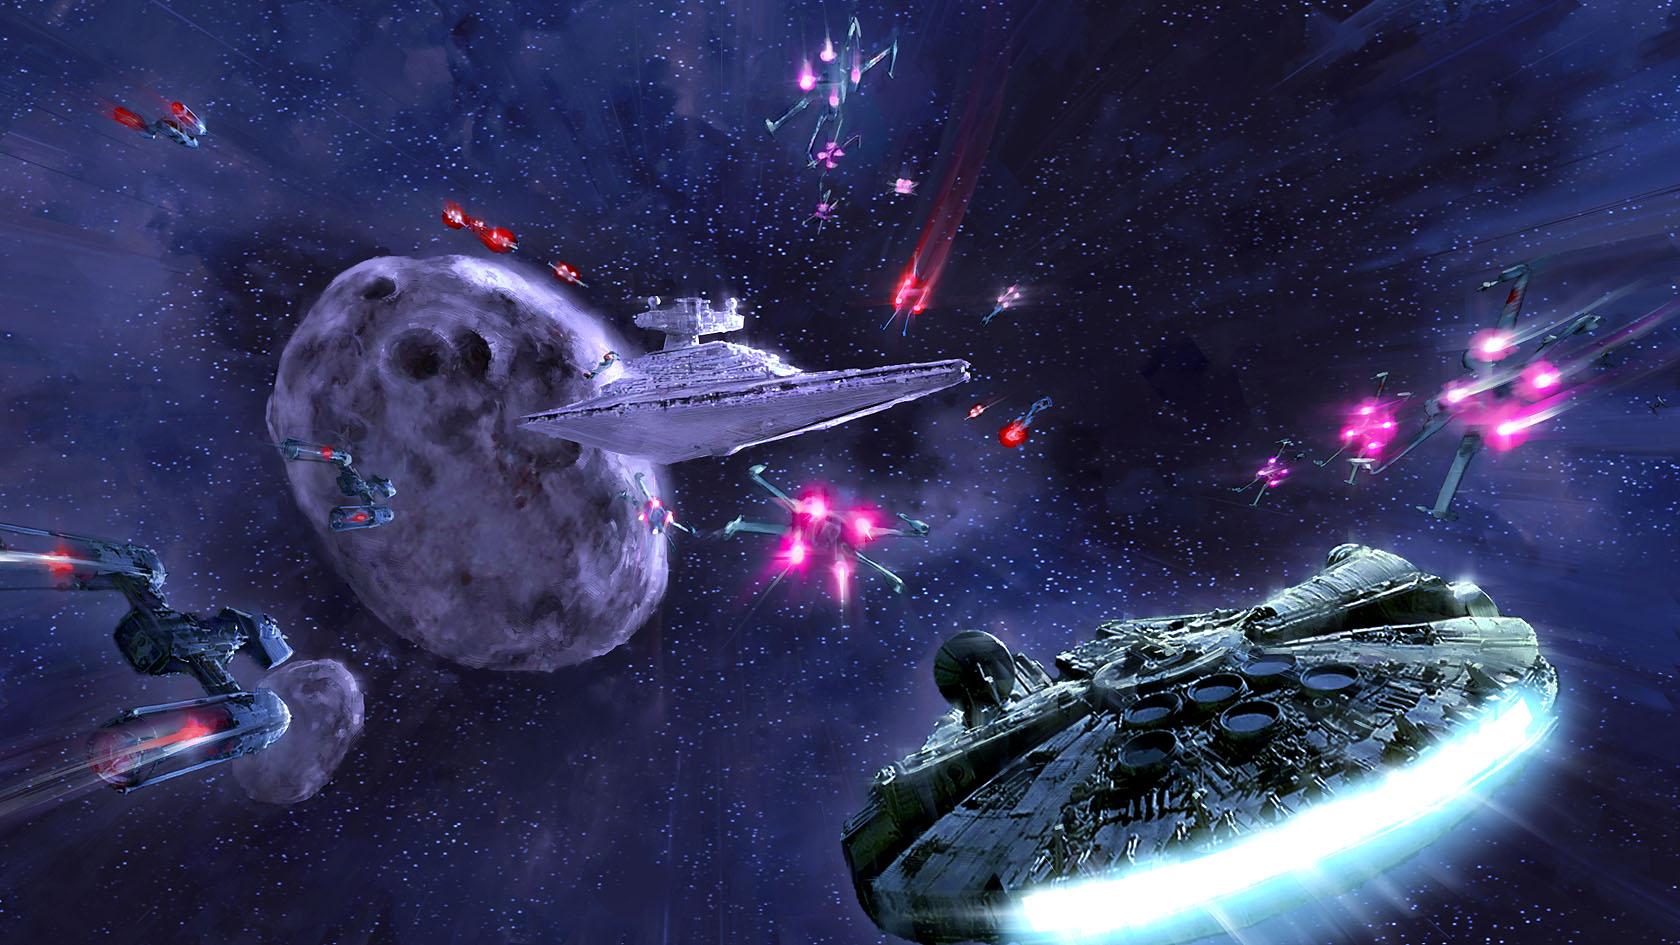 Second battle of kessel